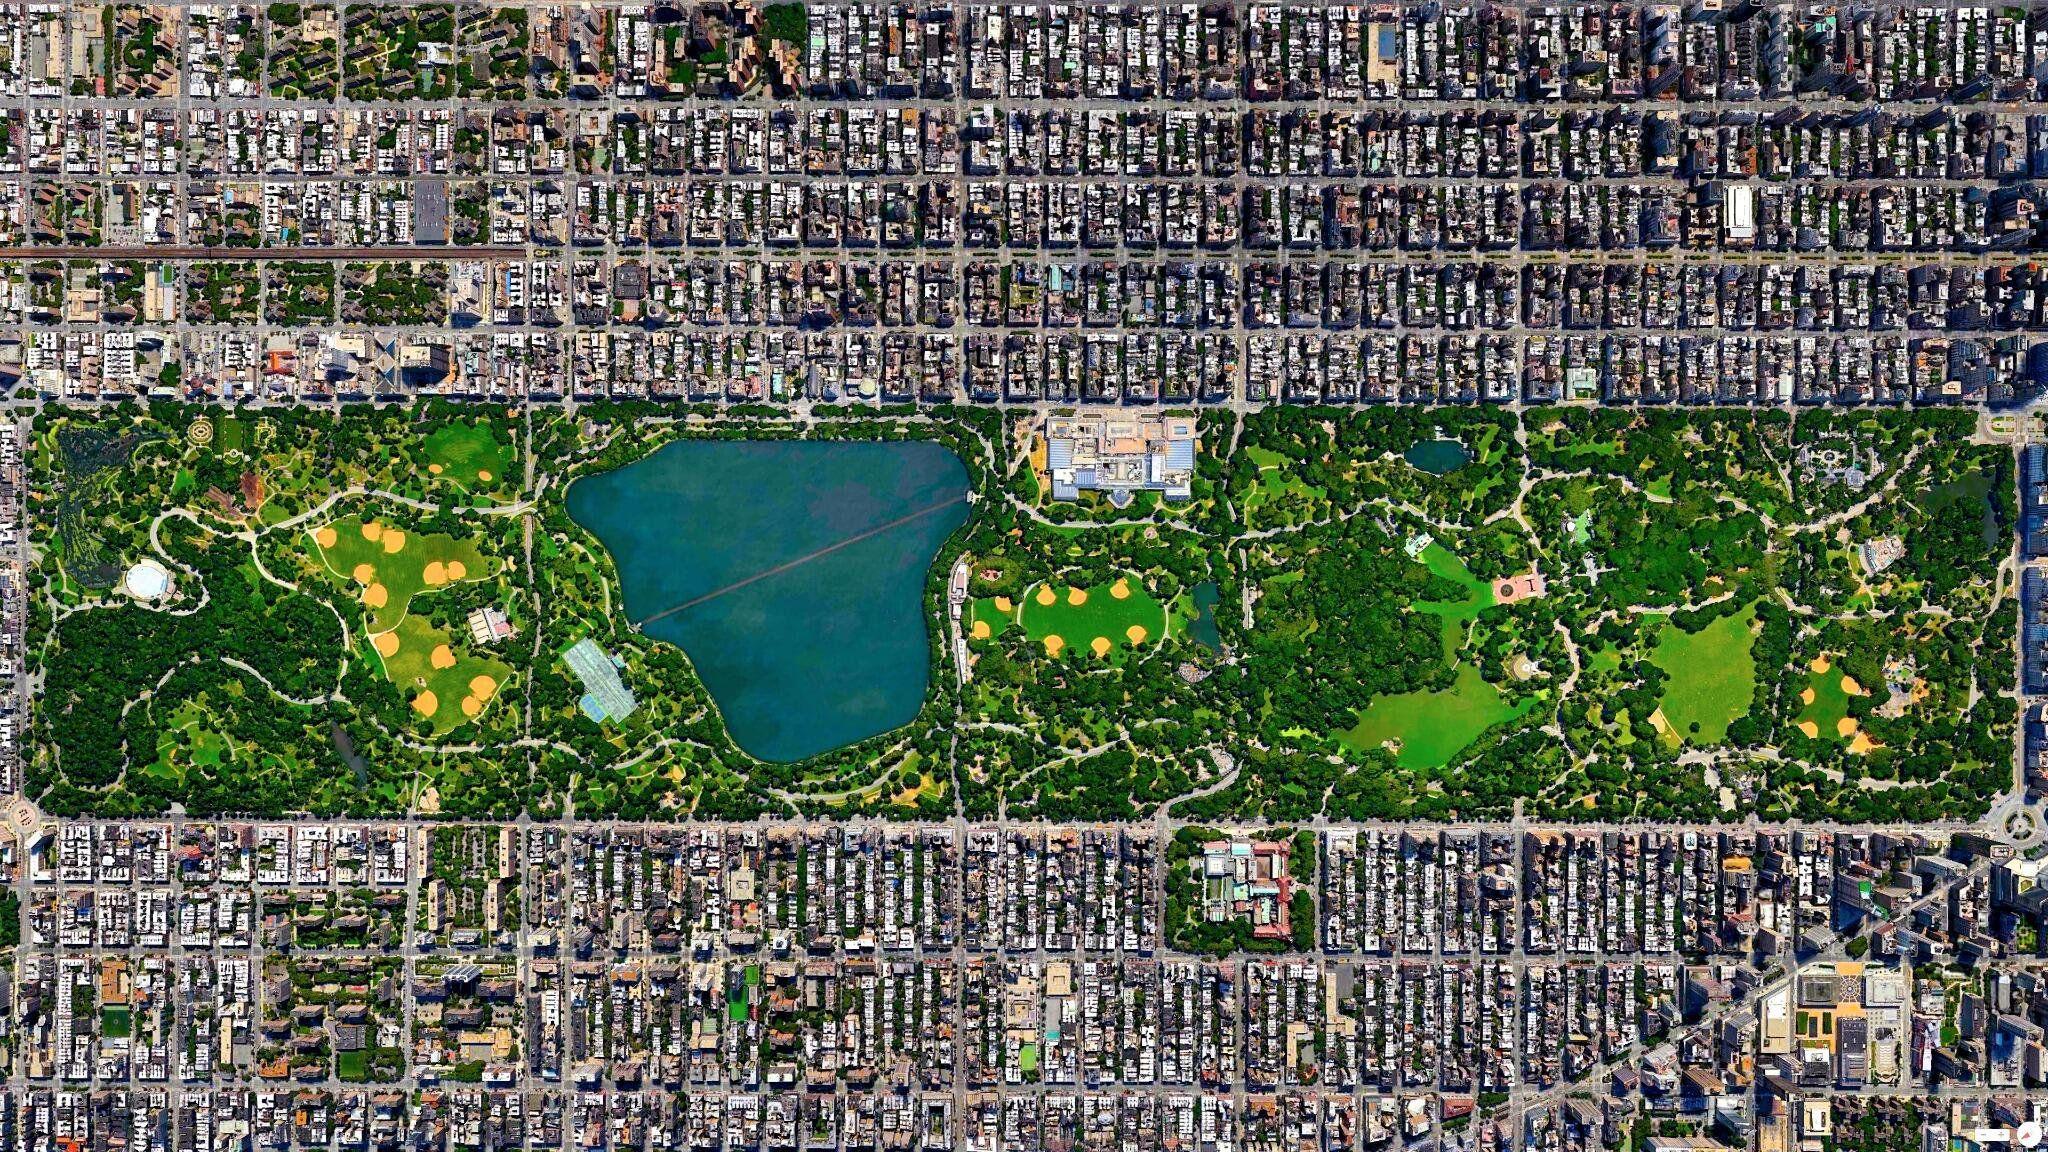 Satellite 3d View Of Central Park New York City 2048 X 1152 City Cities Buildings Photography Ideias De Fotos Imagens De Satelite Fotos